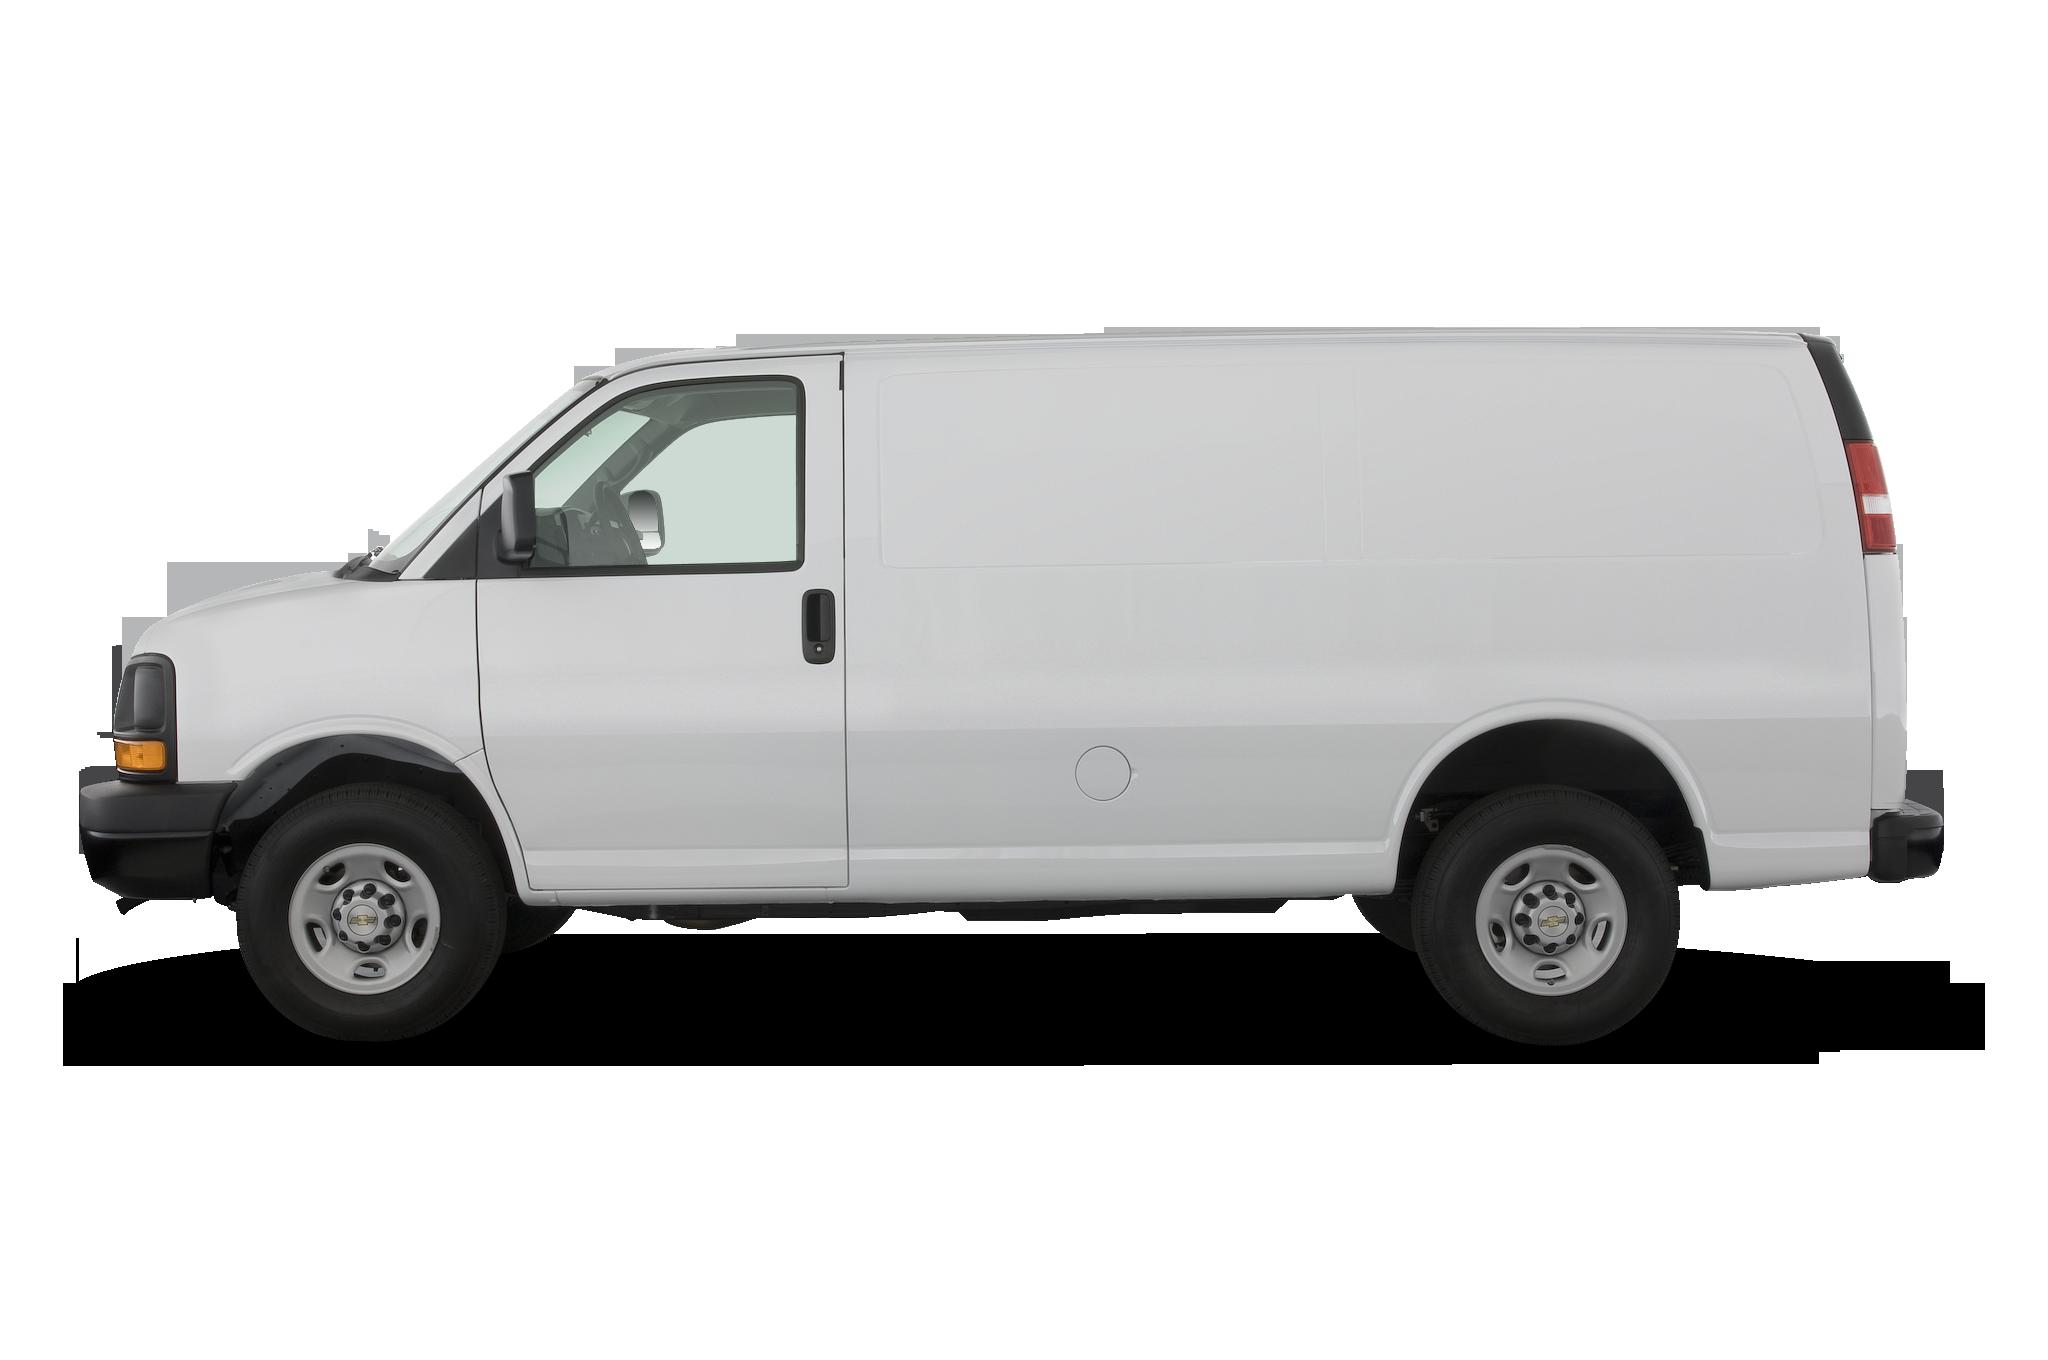 Rent A Cargo Van >> White Van Png   www.pixshark.com - Images Galleries With A Bite!